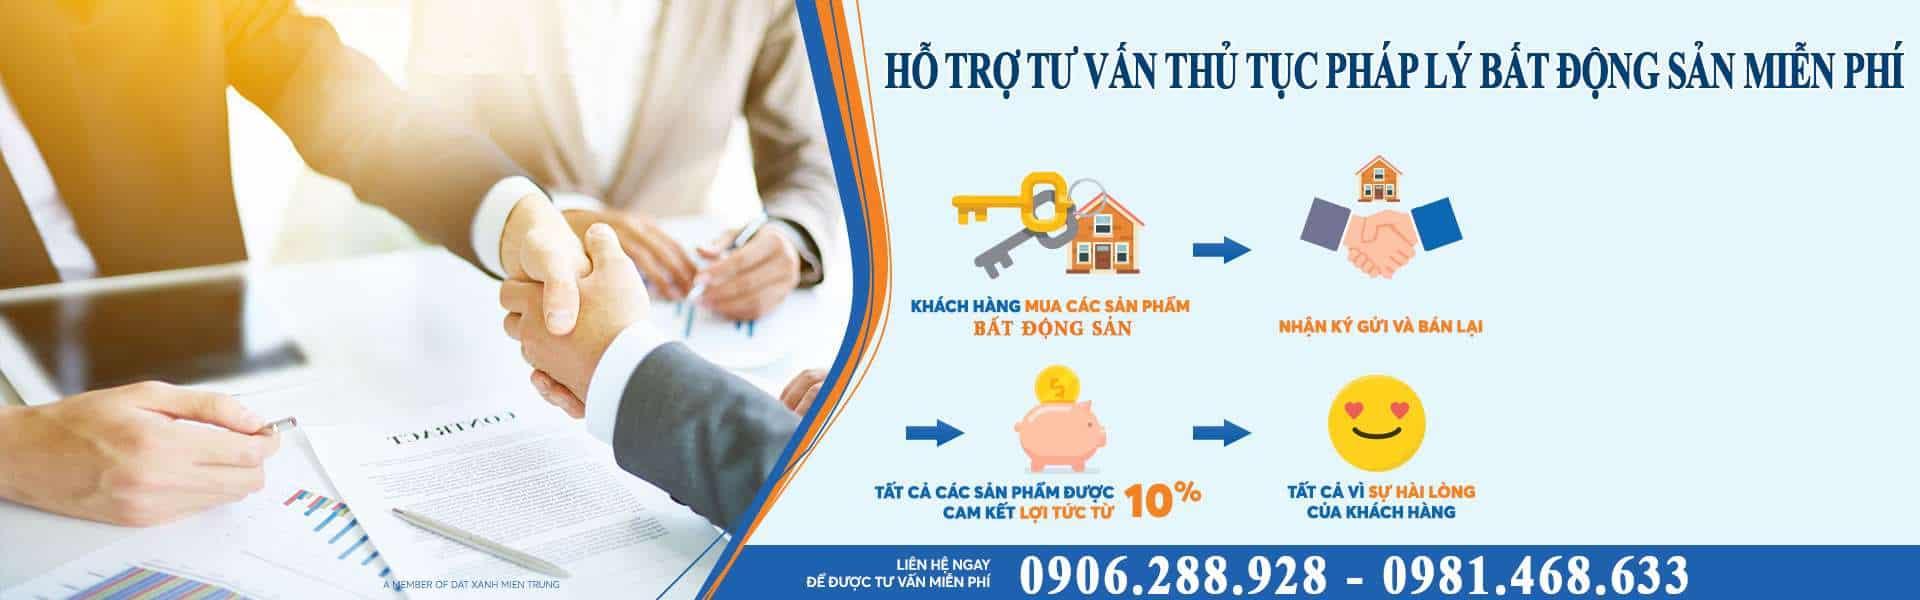 Dịch vụ bất động sản Hà Nội